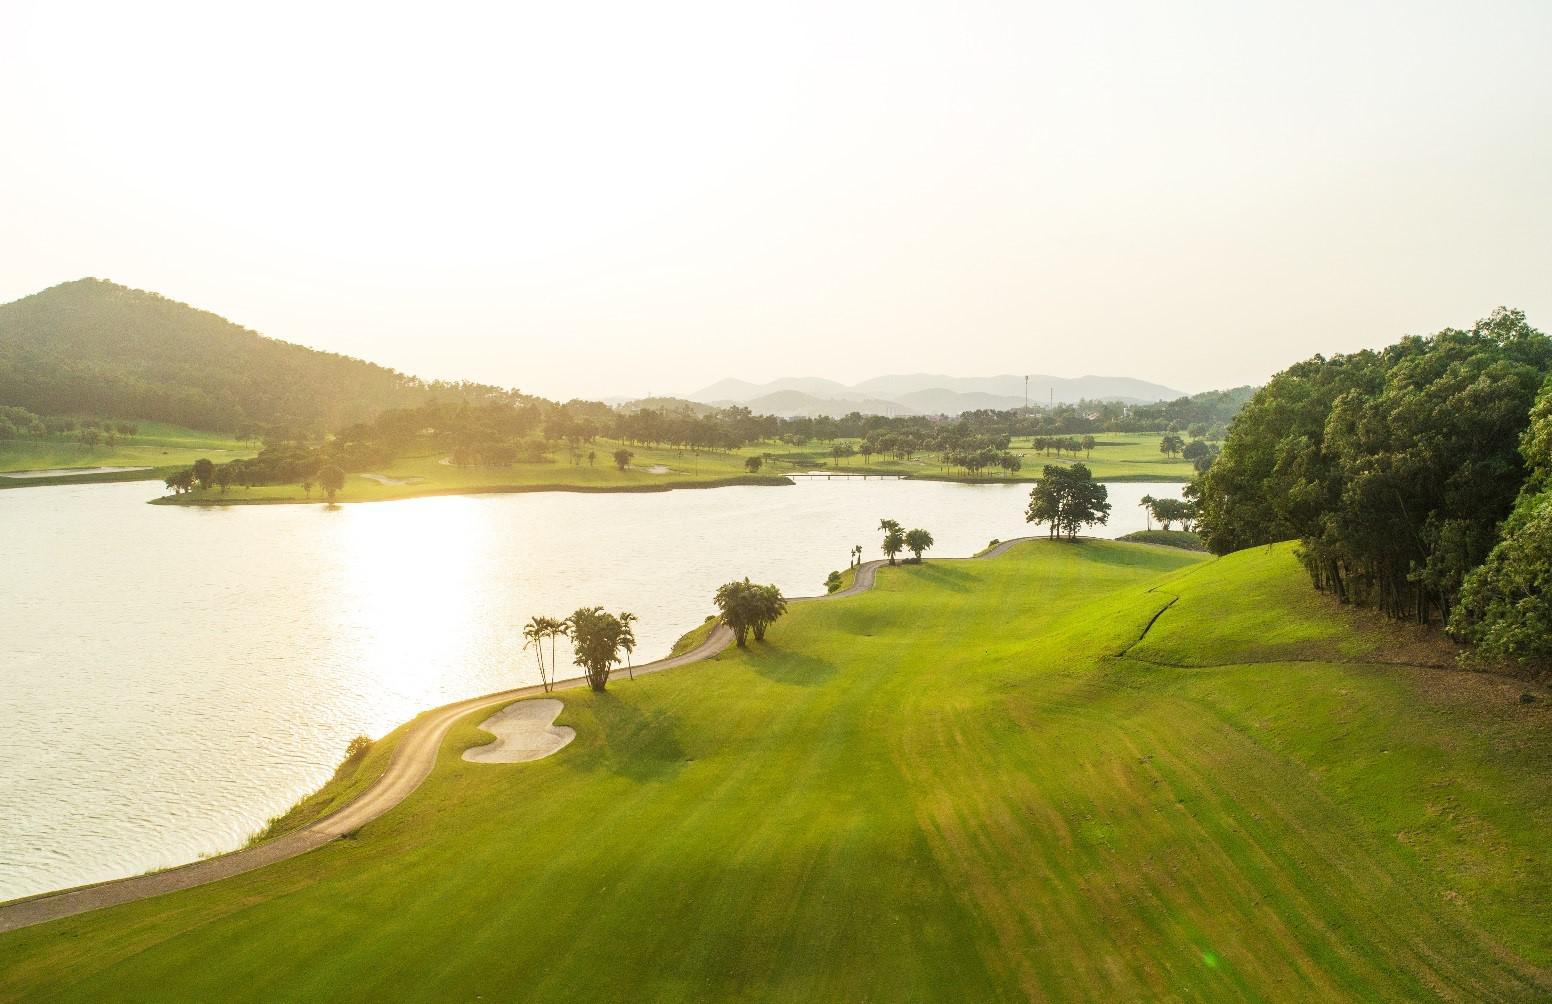 Sân golf Chí Linh 18 hố ưu đãi hè đặc biệt - Thứ 3 hàng tuần